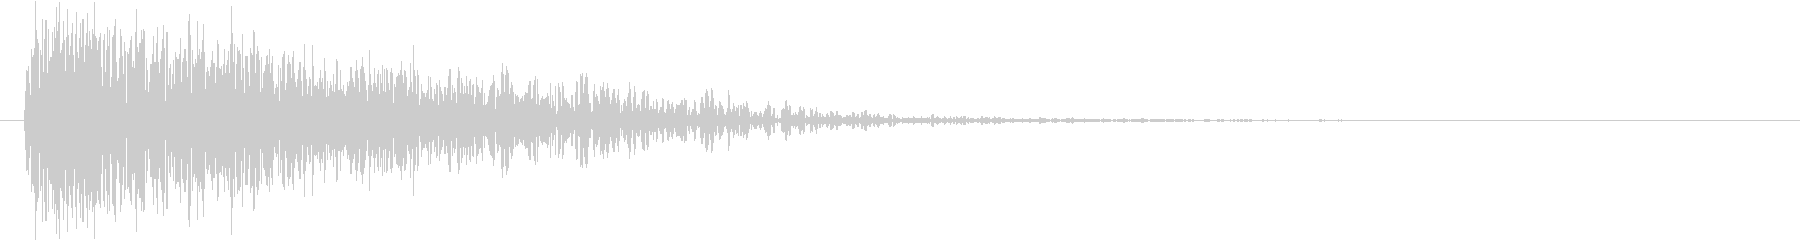 ボーン(着弾音、爆発、単発)の未再生の波形